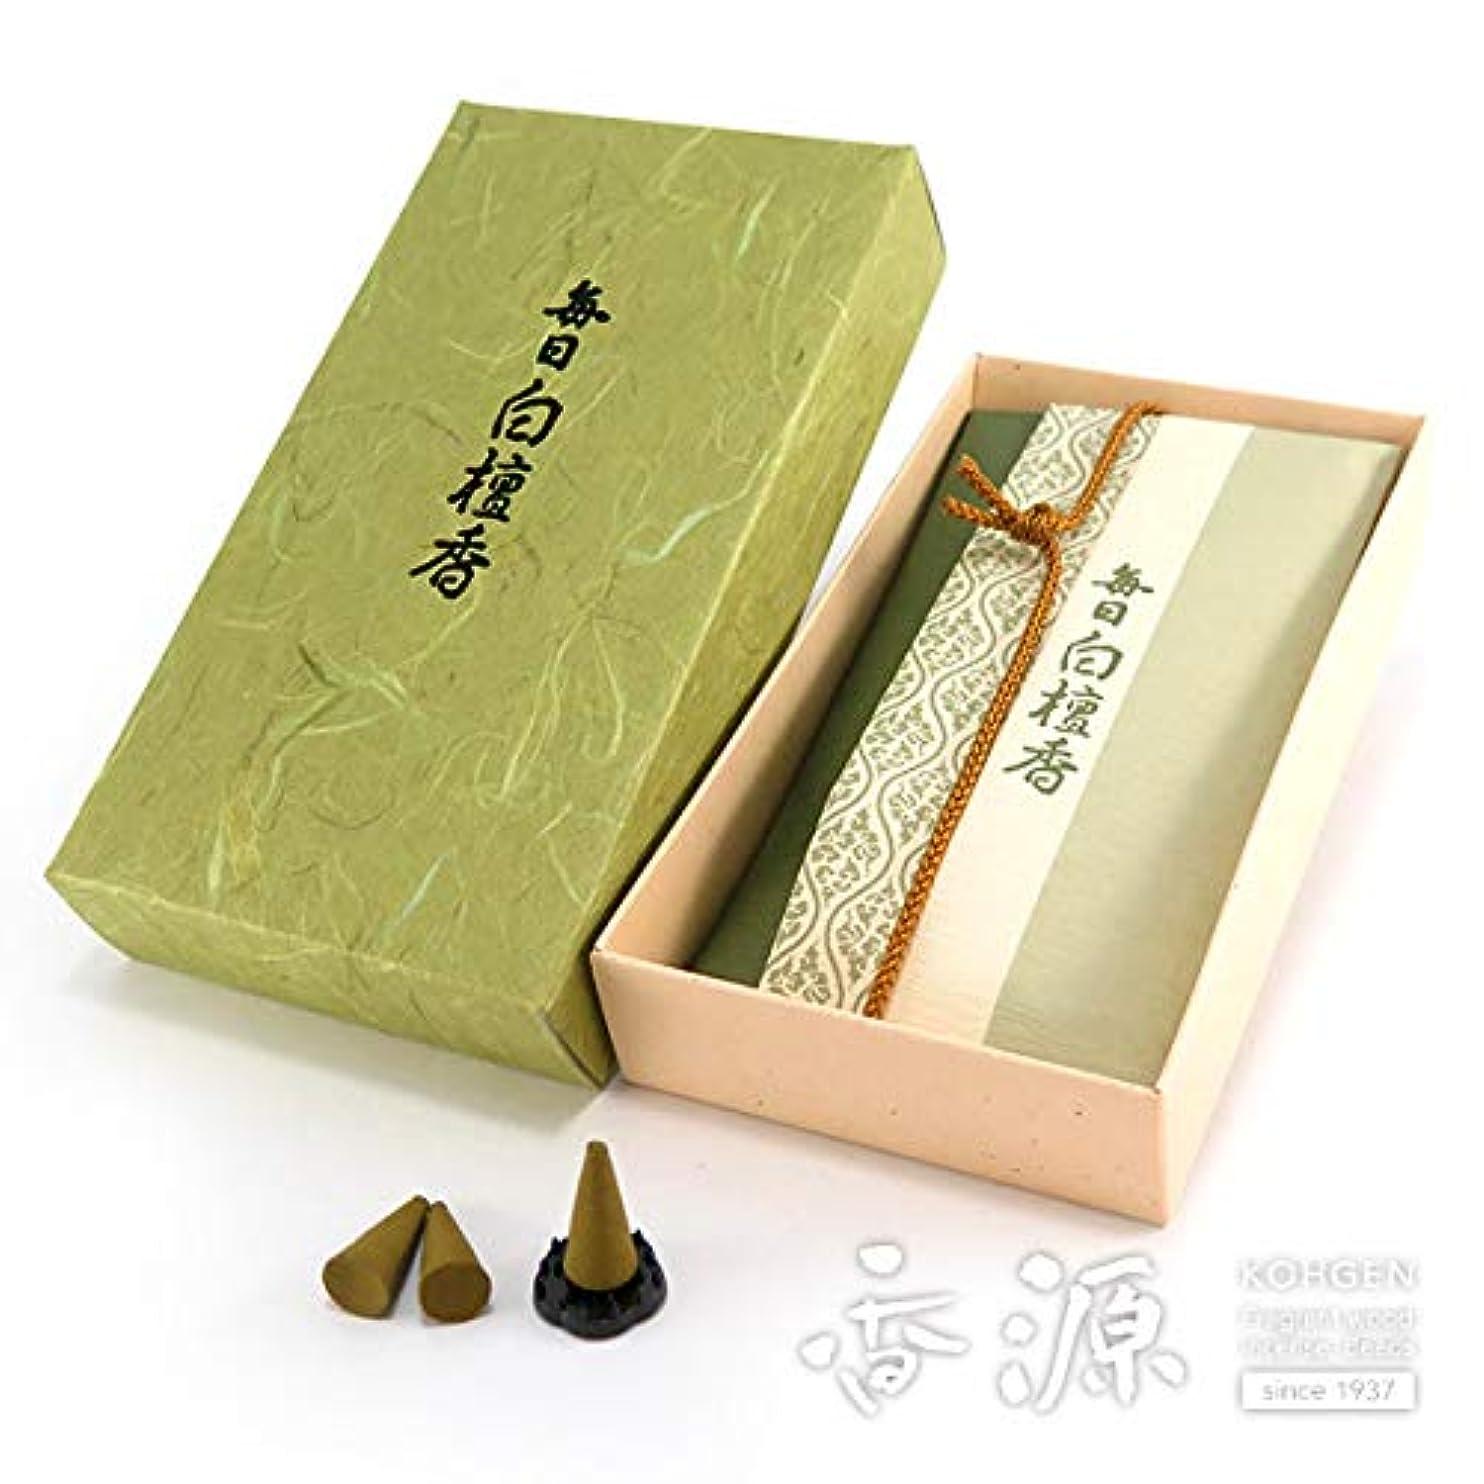 中世の六検索エンジンマーケティング日本香堂のお香 白檀の定番 毎日白檀香 コーン型24個入